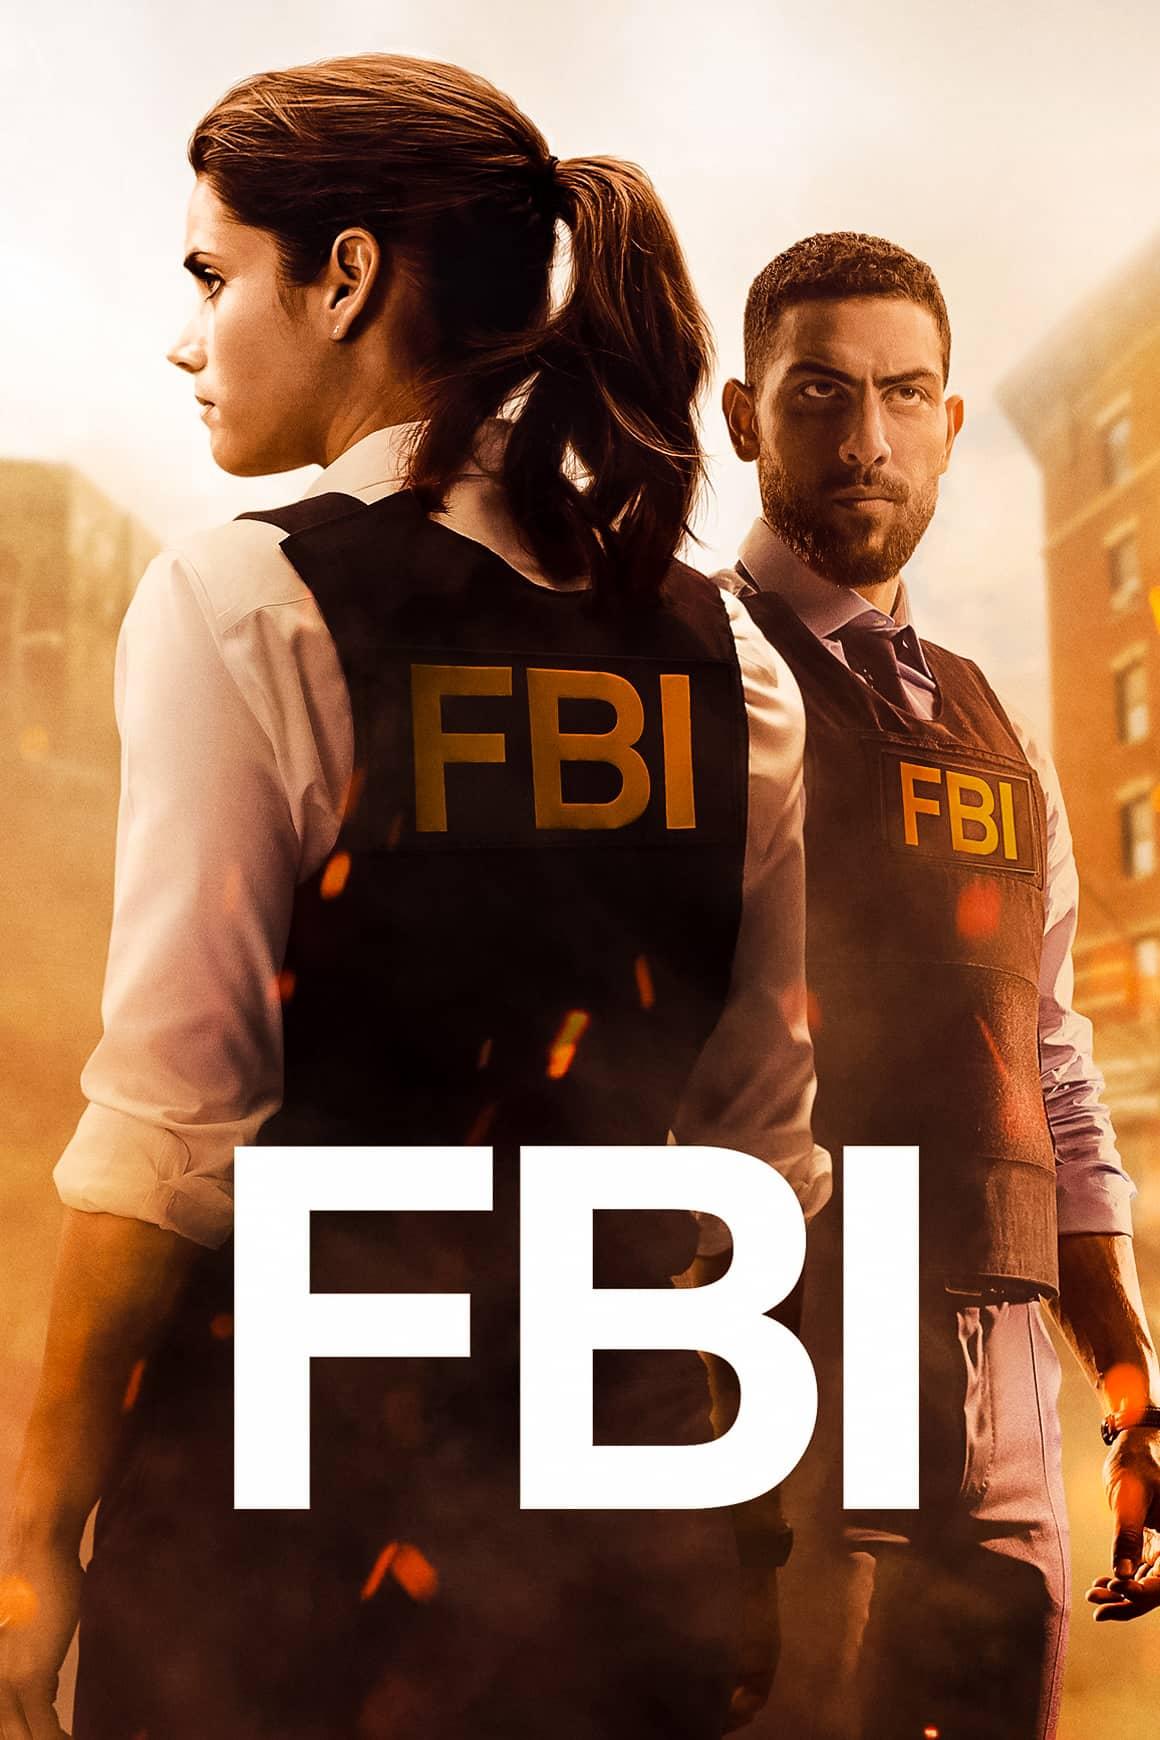 مسلسل FBI الموسم الاول الحلقة 4 الرابعة مترجمة